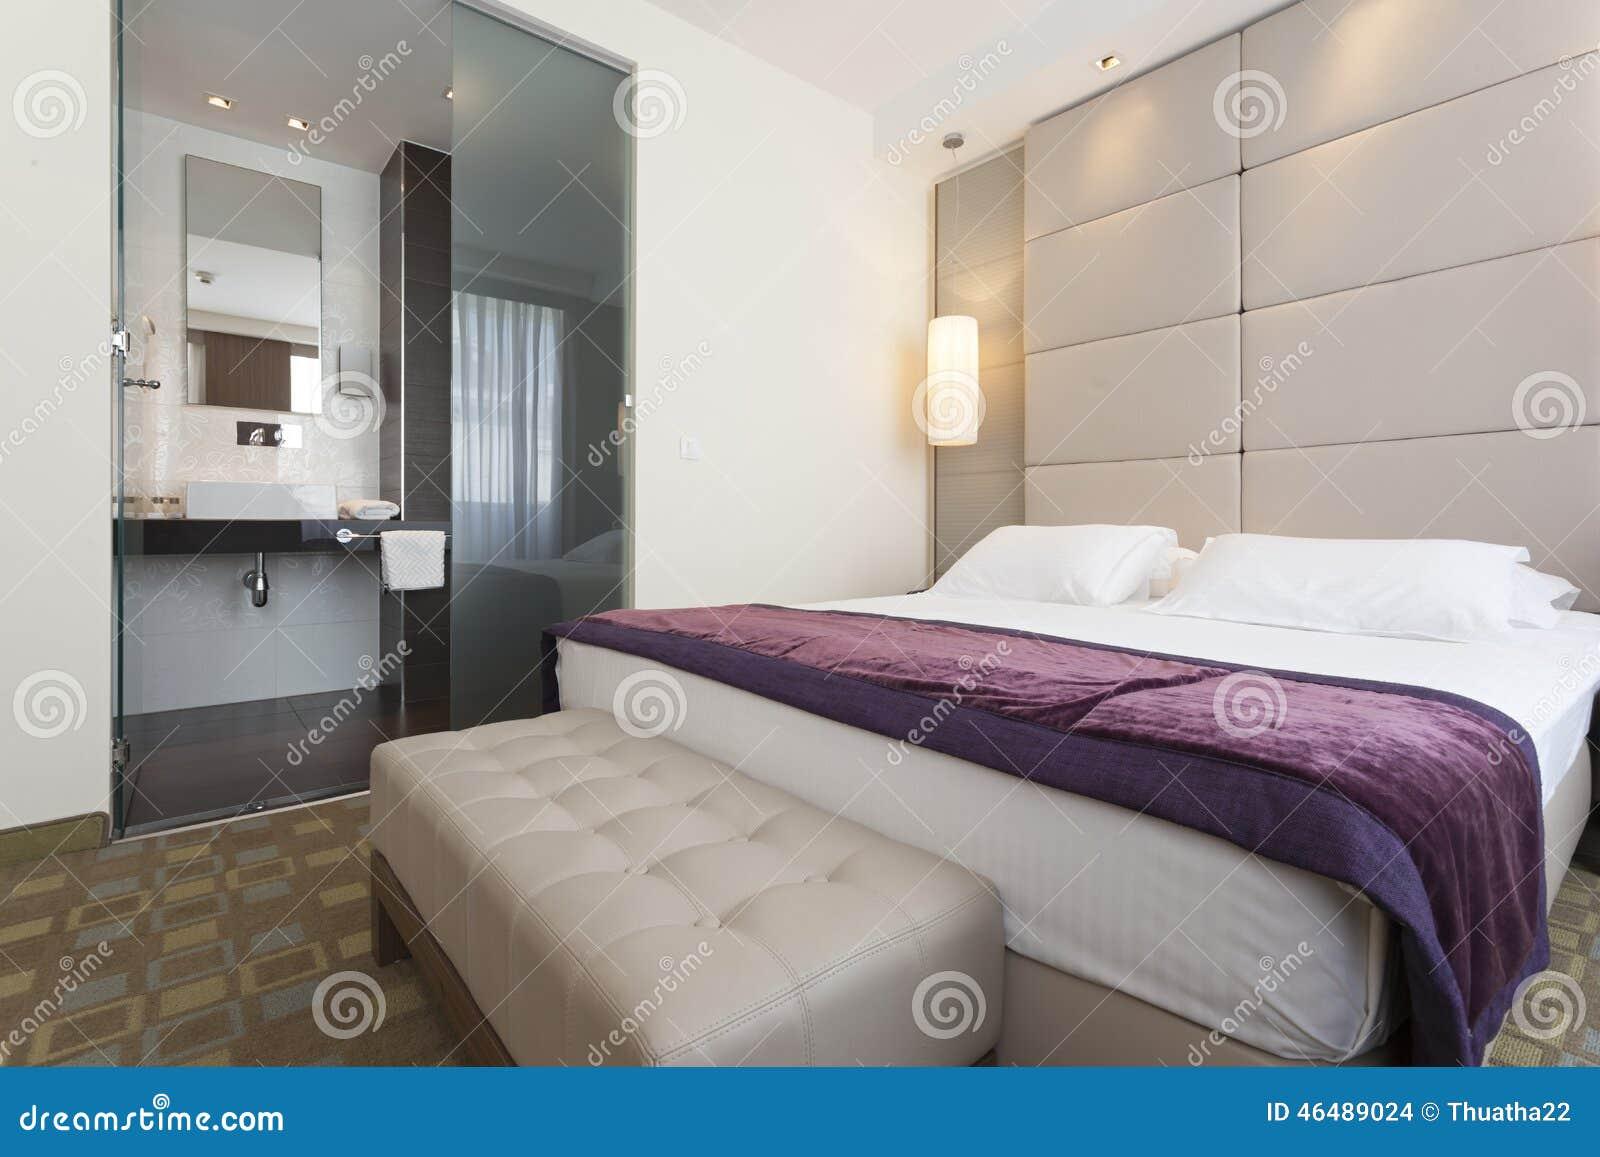 Intérieur D\'une Chambre à Coucher D\'hôtel De Luxe Avec La Salle De ...